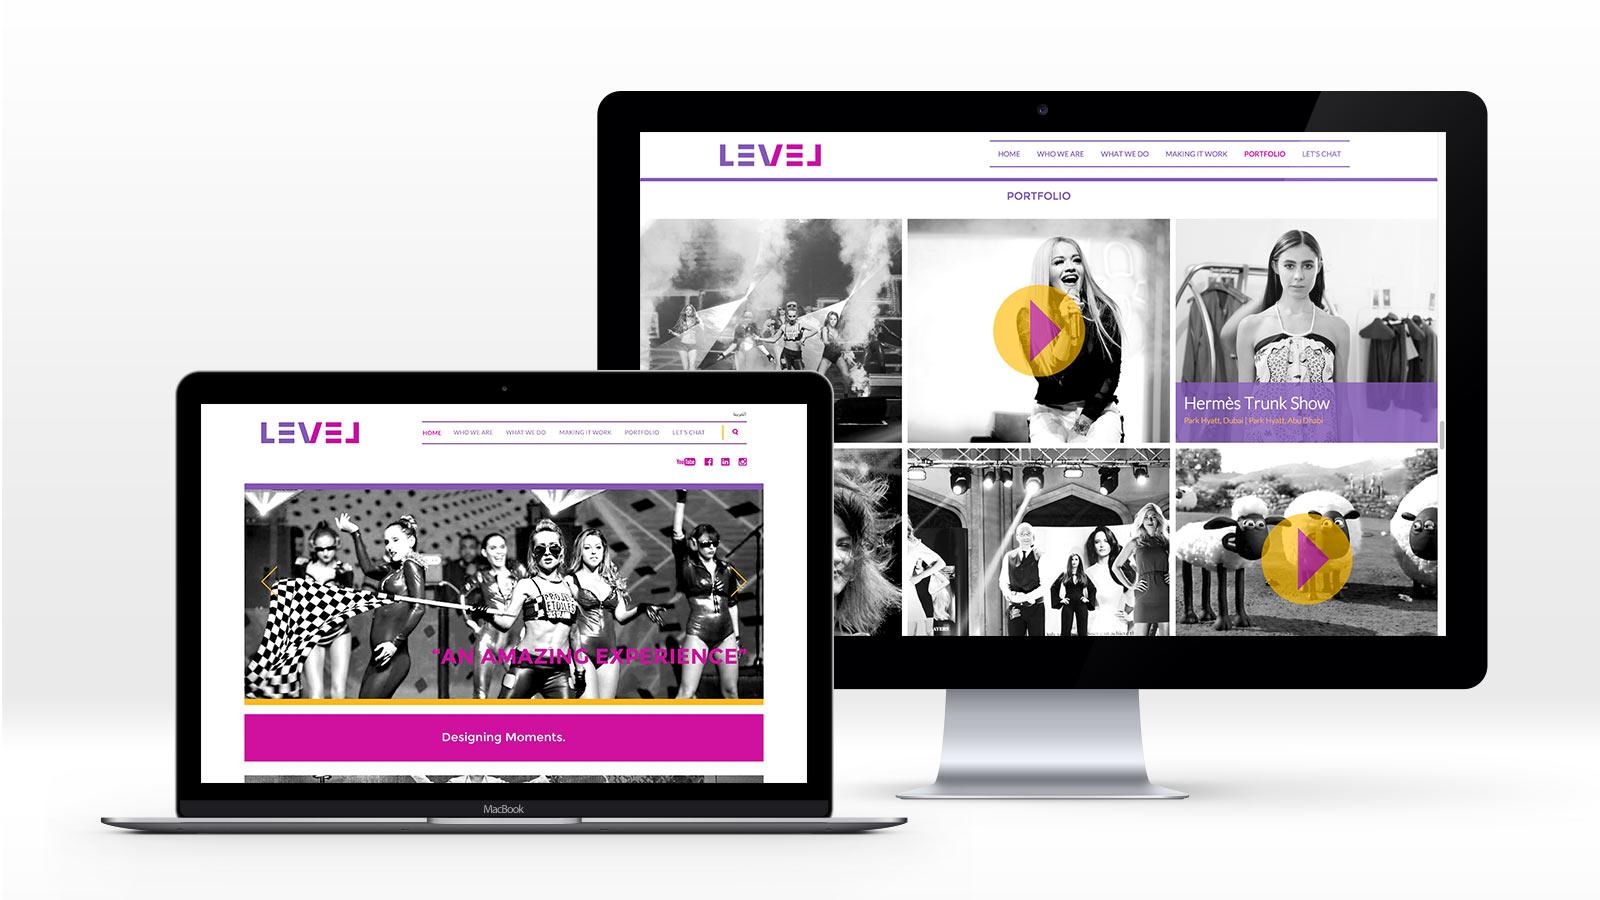 level_web_screens